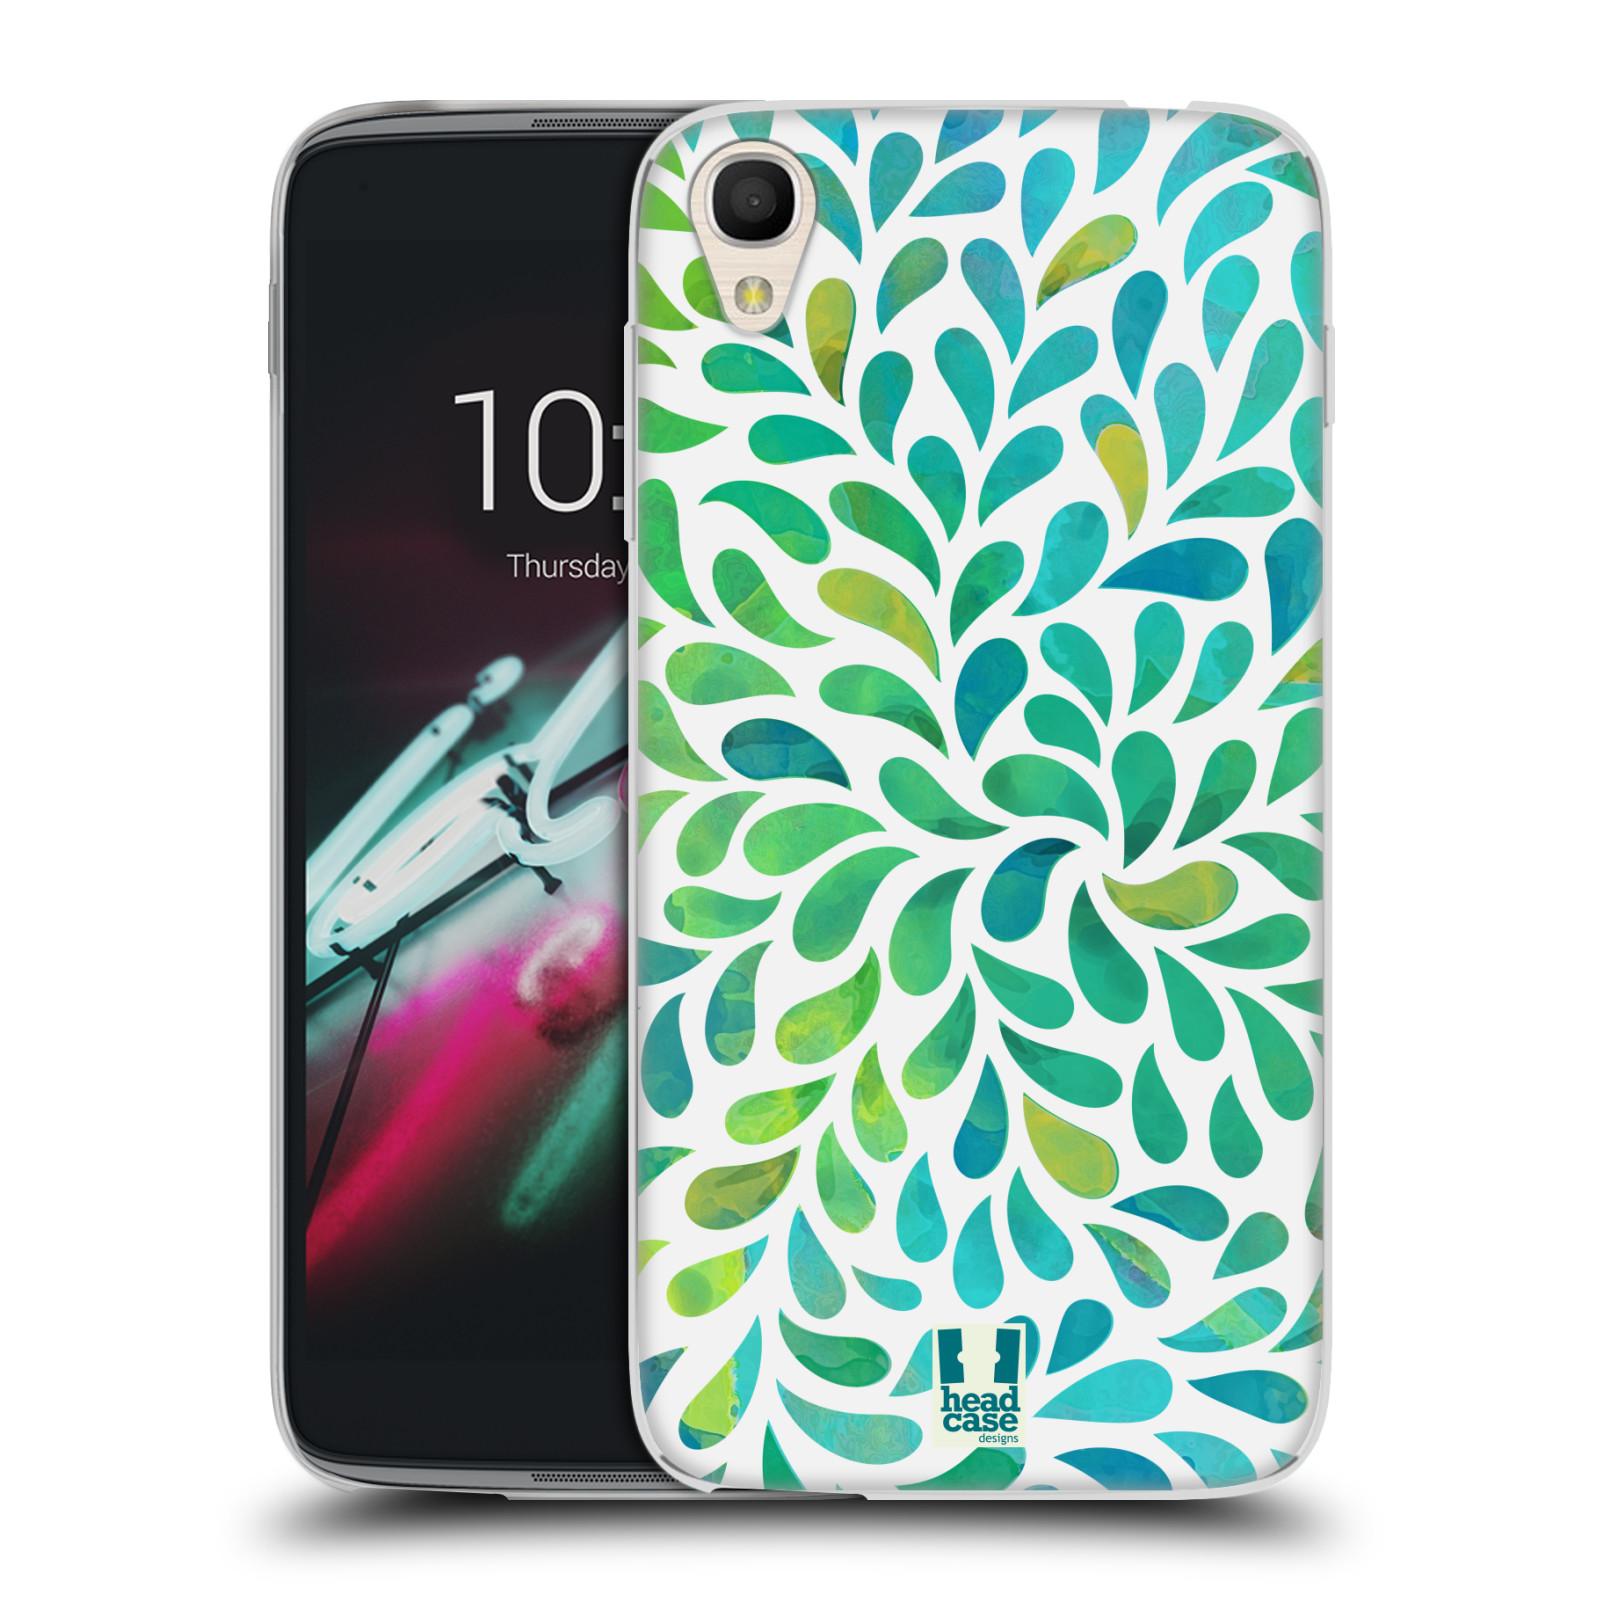 """Silikonové pouzdro na mobil Alcatel One Touch 6039Y Idol 3 HEAD CASE Droplet Wave Kapičky (Silikonový kryt či obal na mobilní telefon Alcatel One Touch Idol 3 OT-6039Y s 4,7"""" displejem)"""